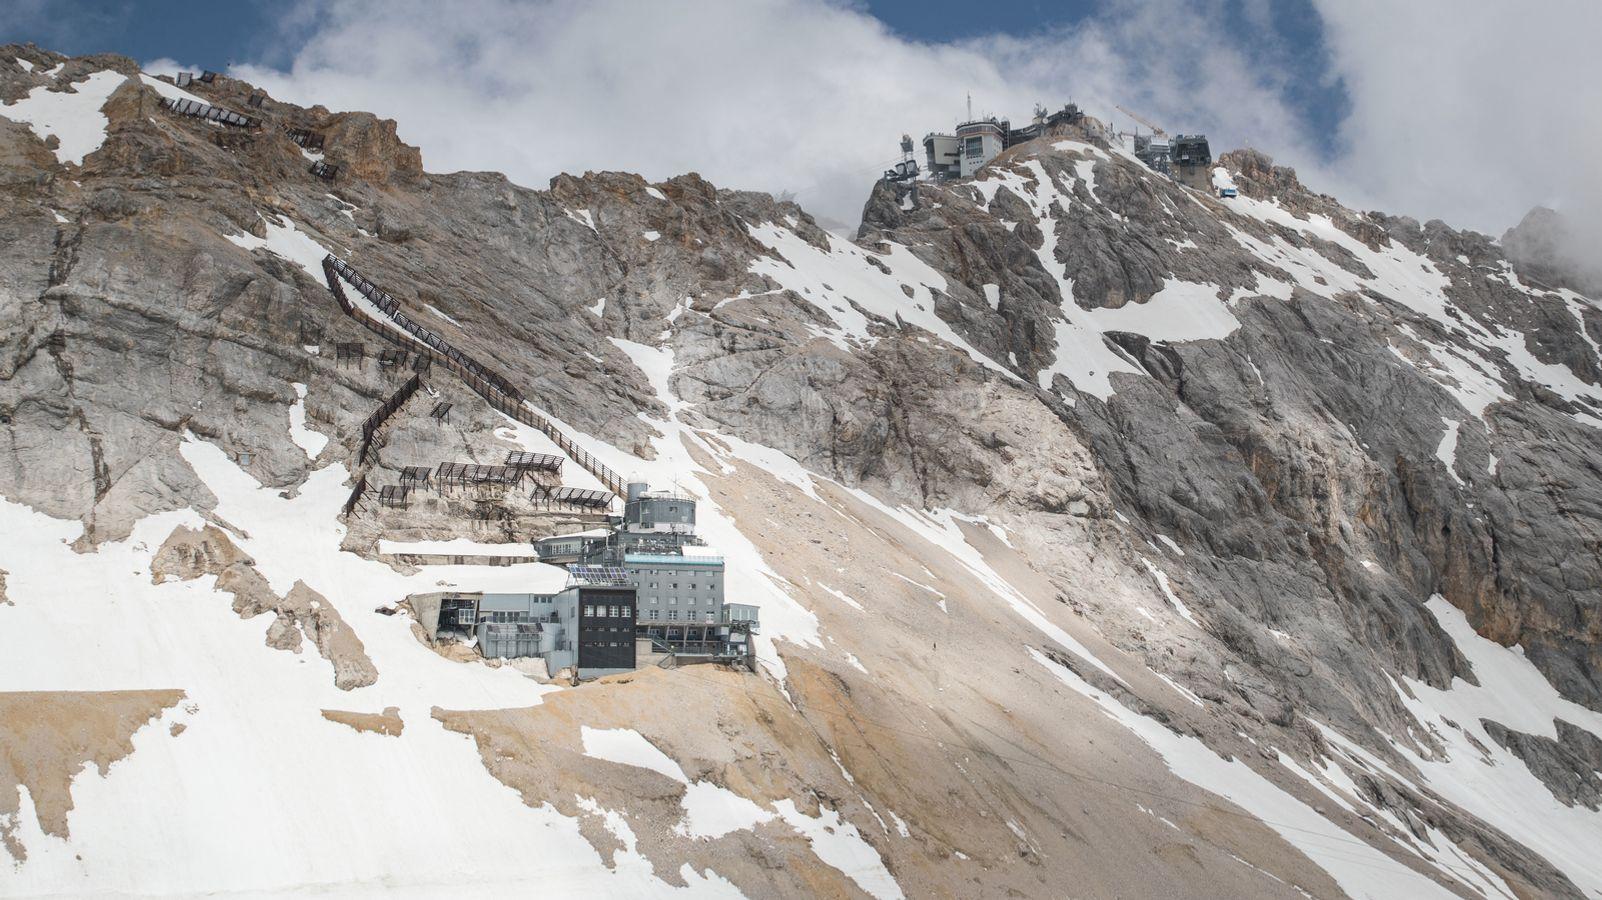 Die Alpen sind belastet mit giftigen Schadstoffen